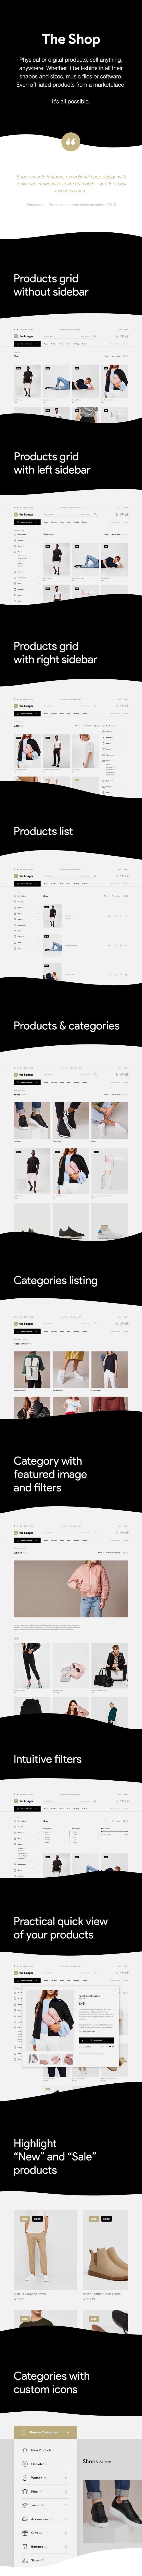 The Hanger - vielseitiges eCommerce-Wordpress-Layout für WooCommerce - 3